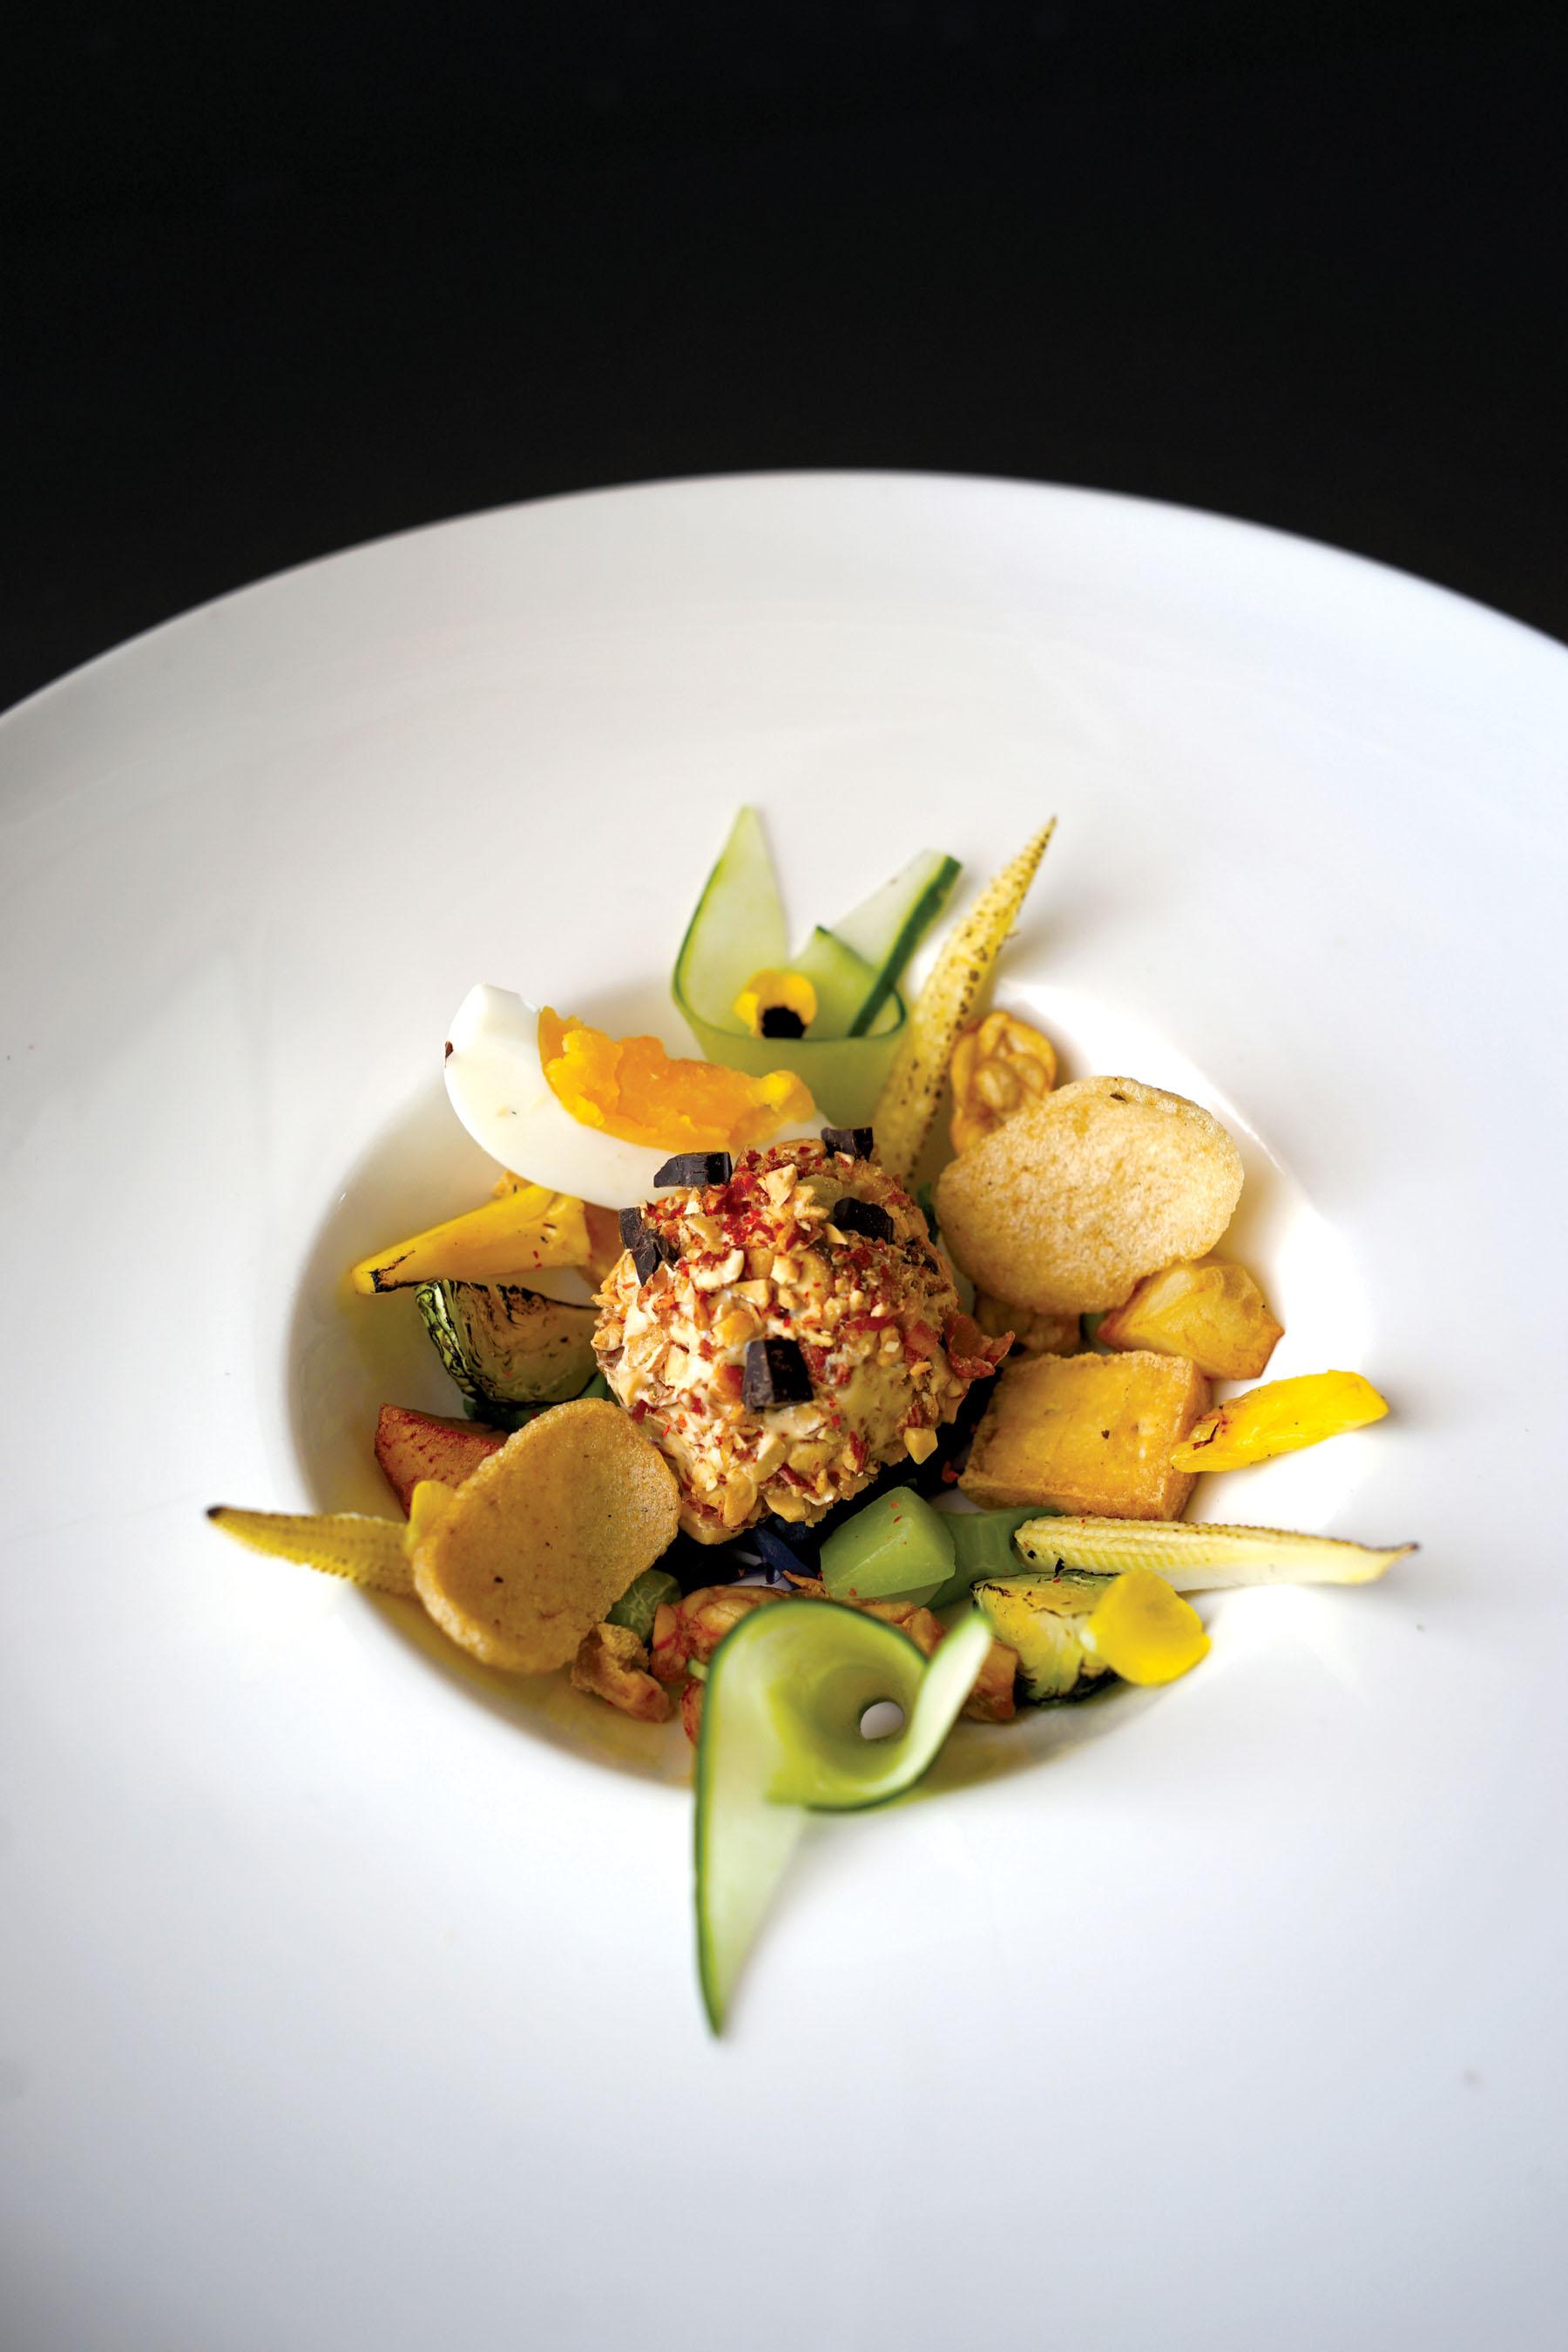 Wild Rocket restaurant specializes in mod-Sin (modern Singaporean) fare, such as gado spicy shrimp & peanut ice cream